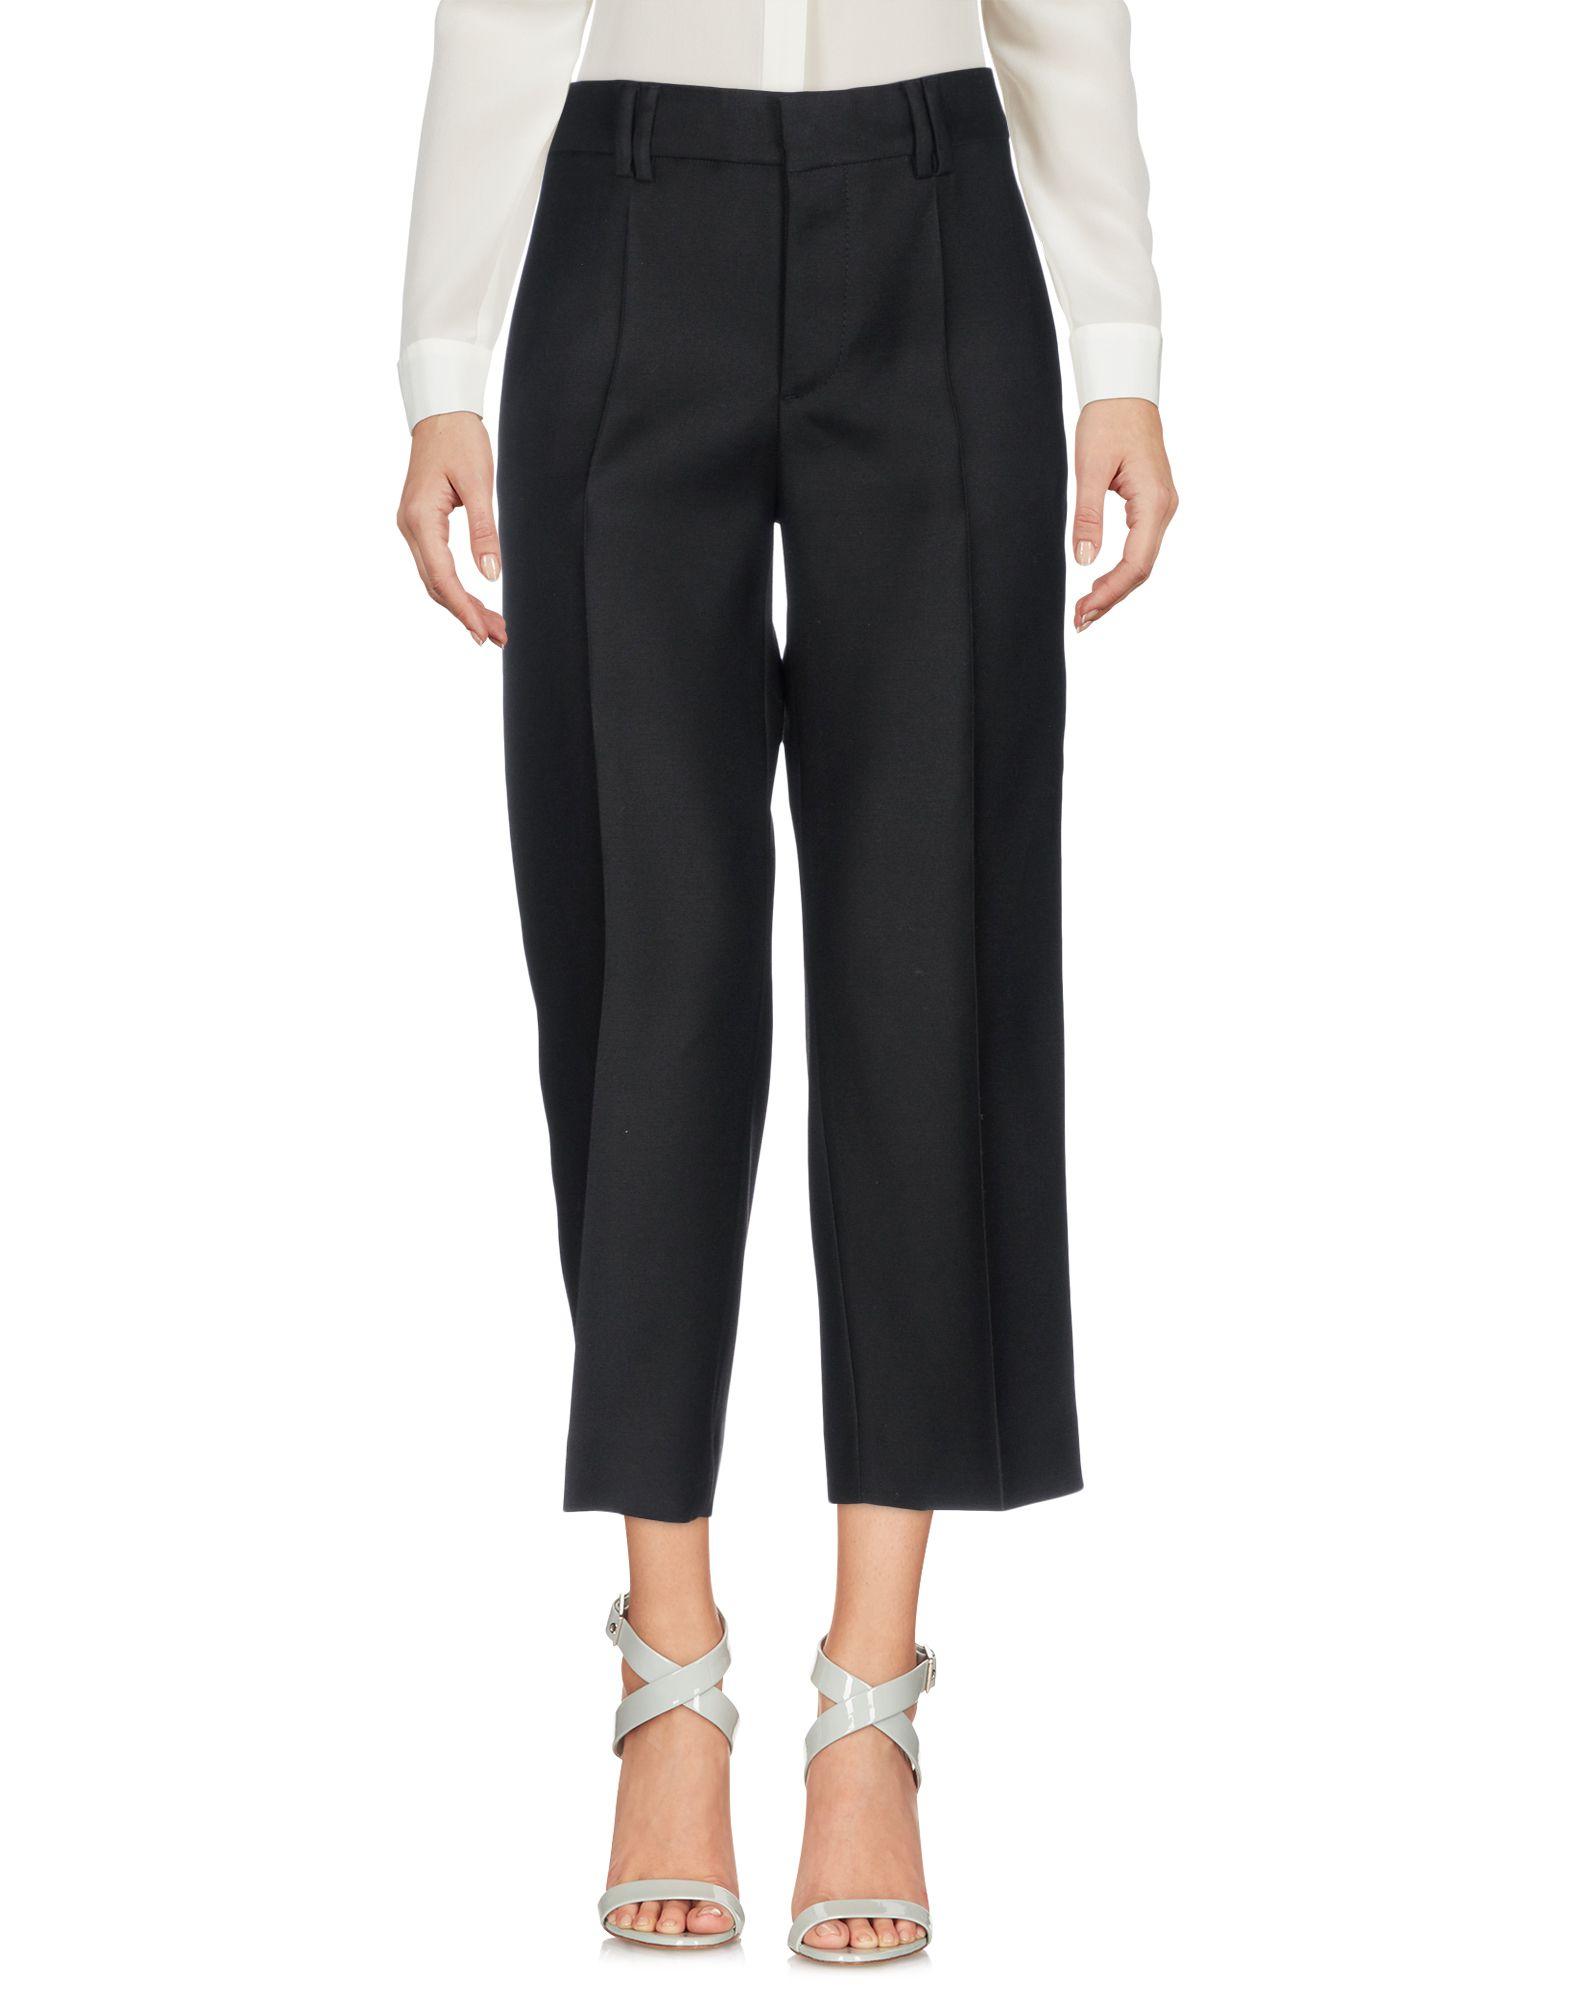 Pantalone Classico Dsquared2 Donna - Acquista online su kmFgOv